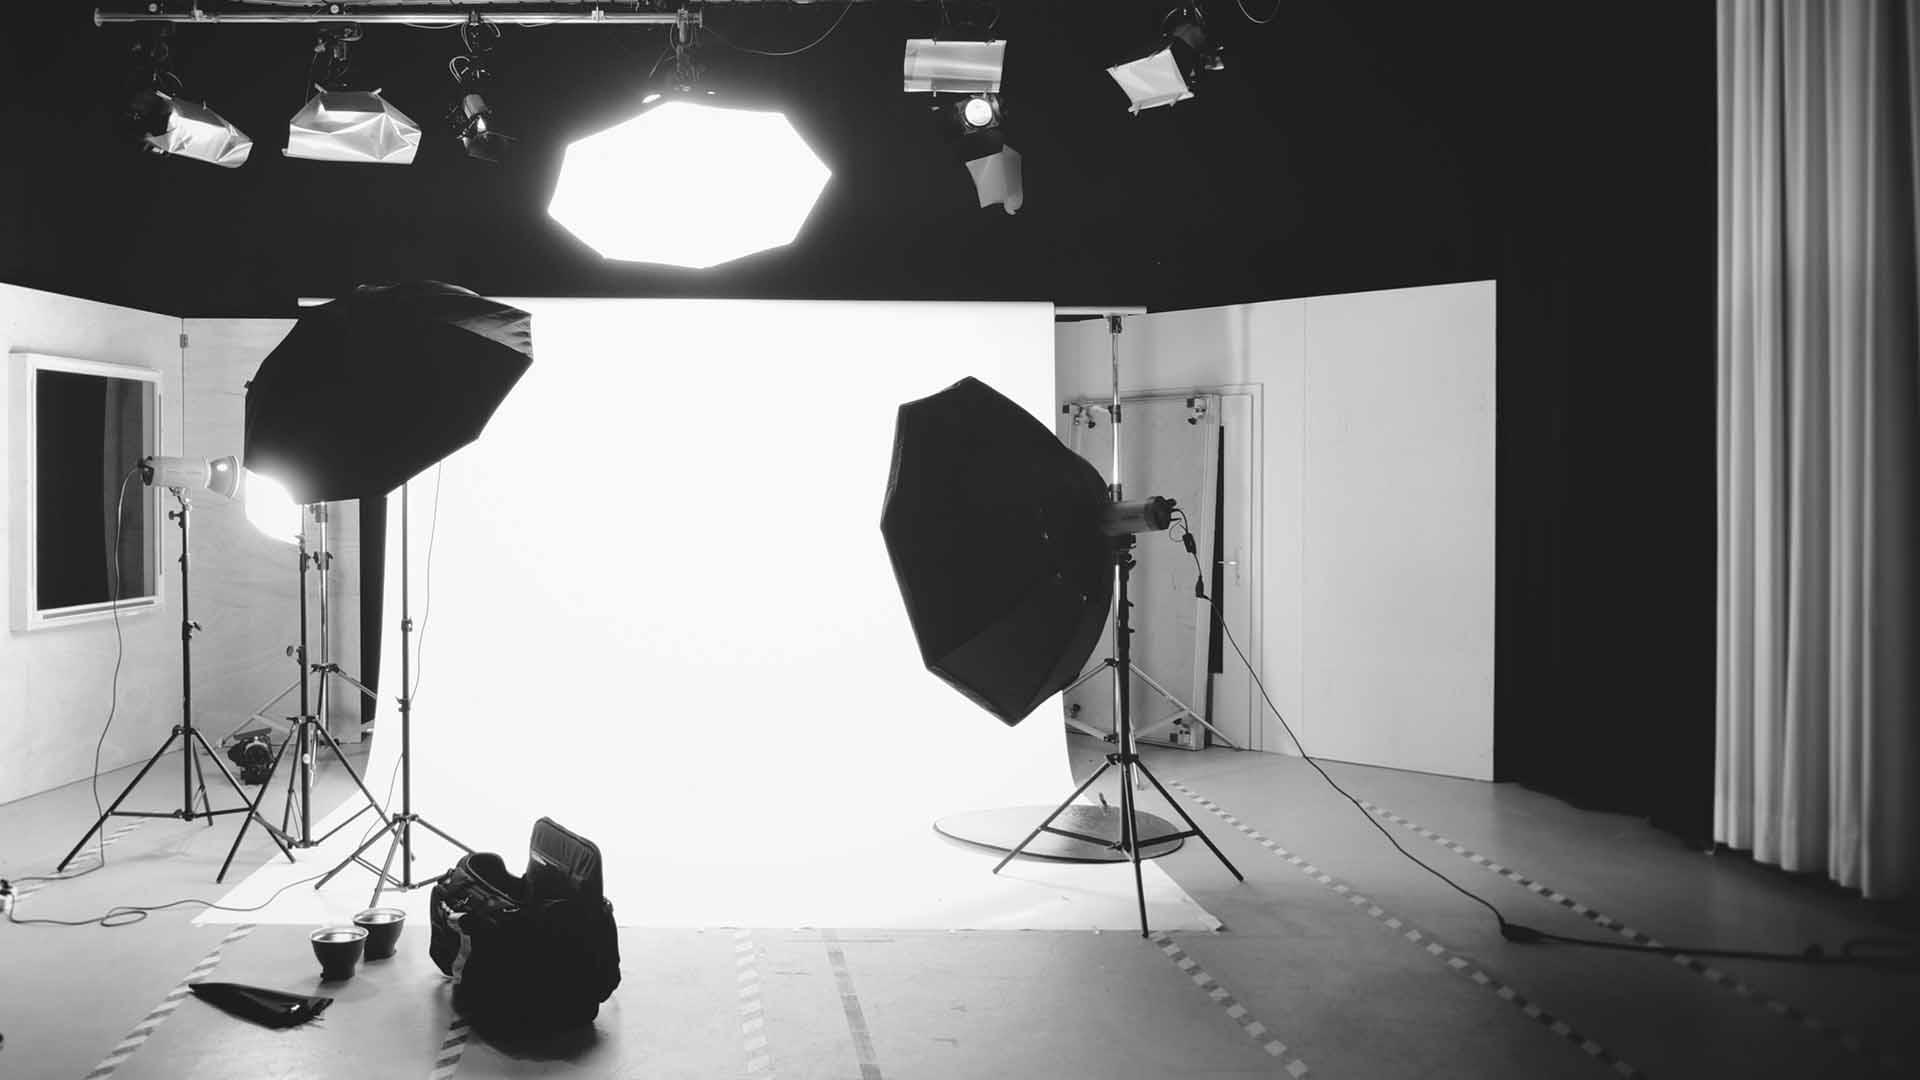 Portrætbilleder til erhvervsprofil